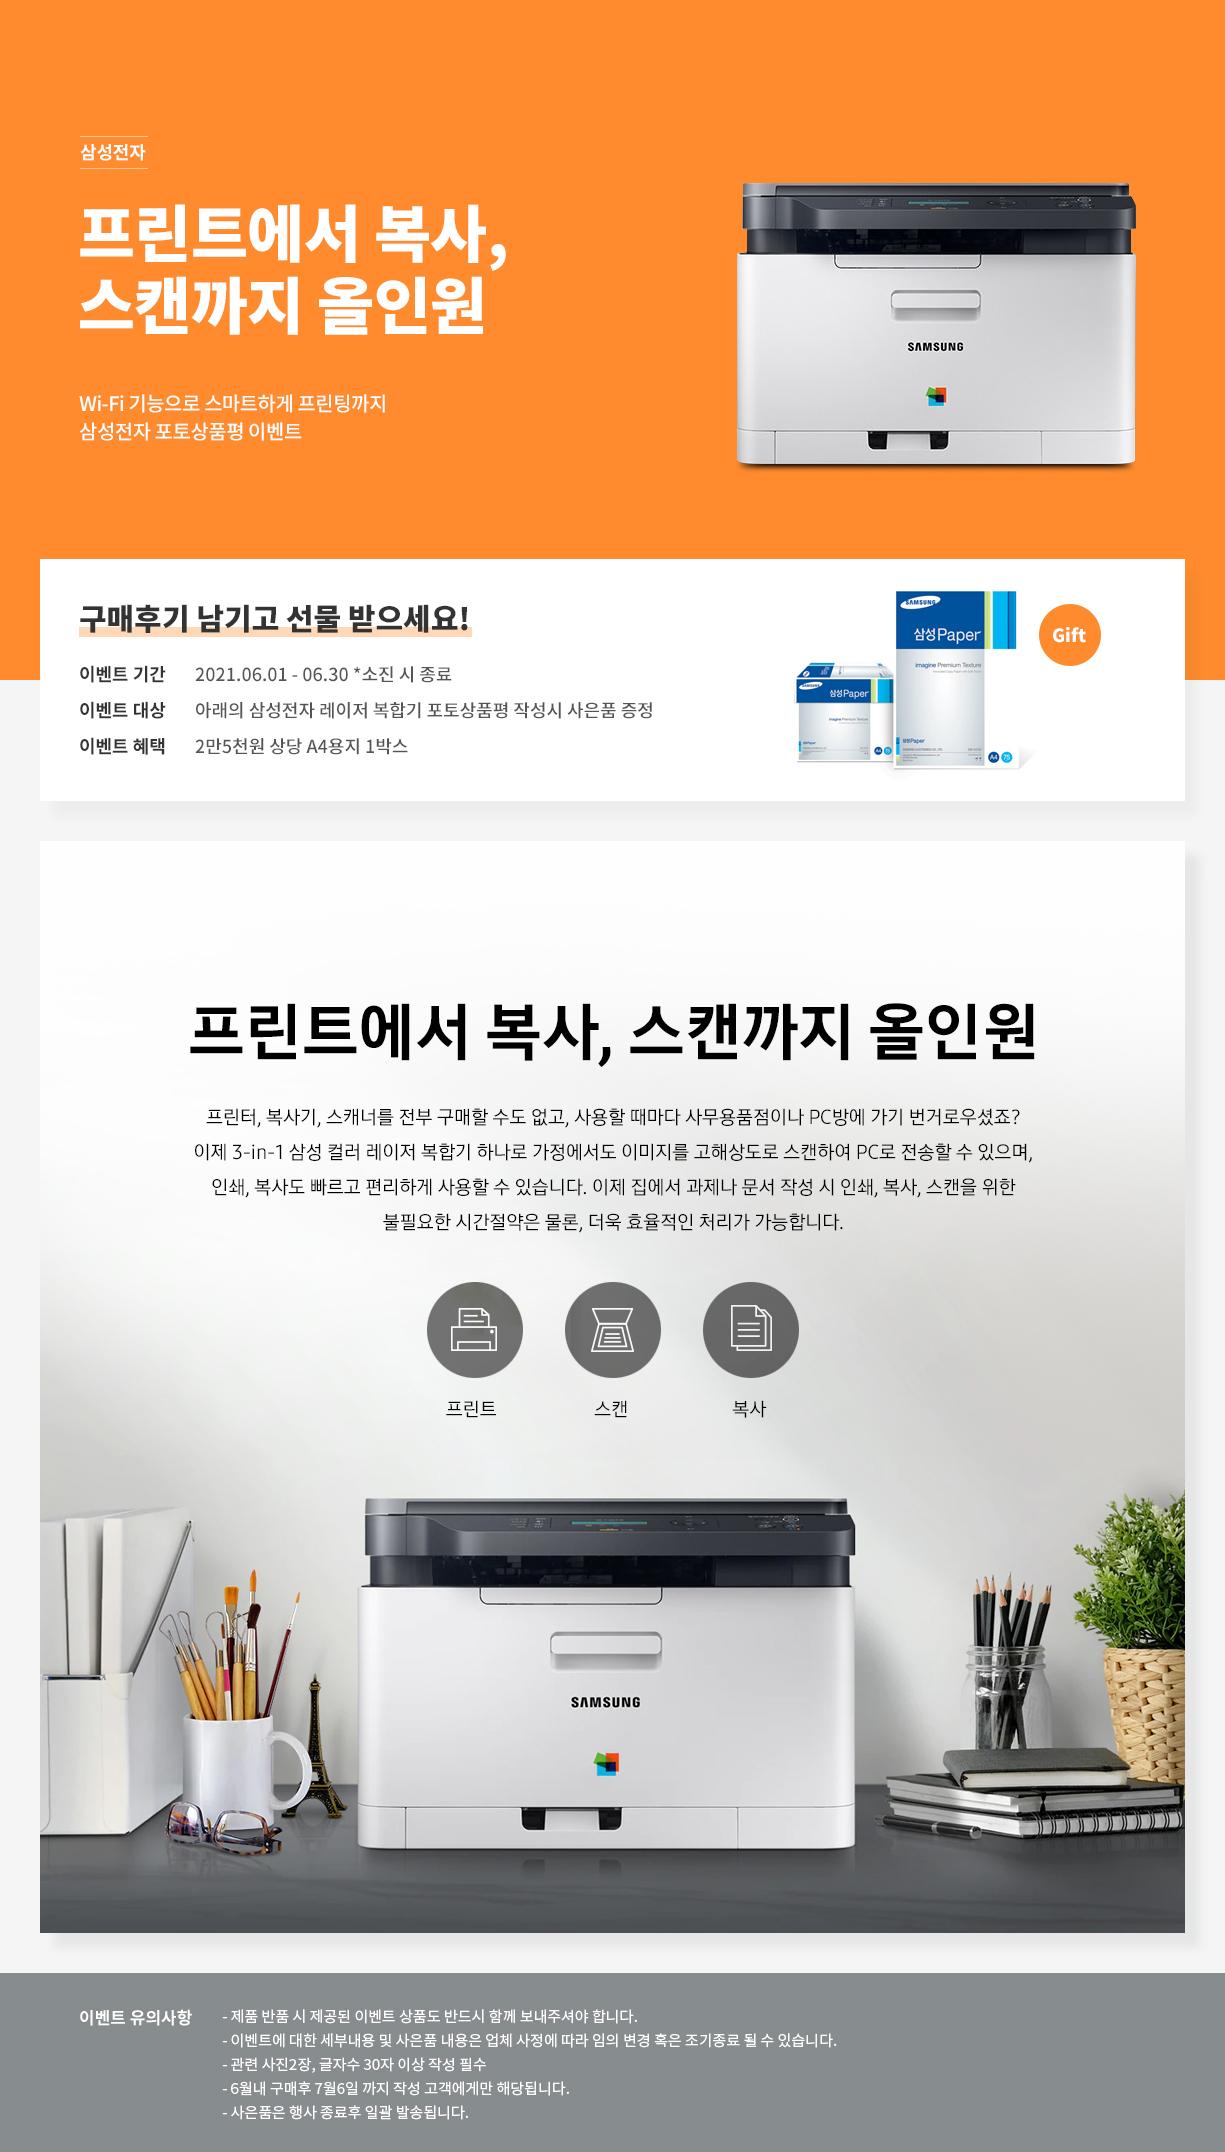 50135_삼성_포토후기.jpg